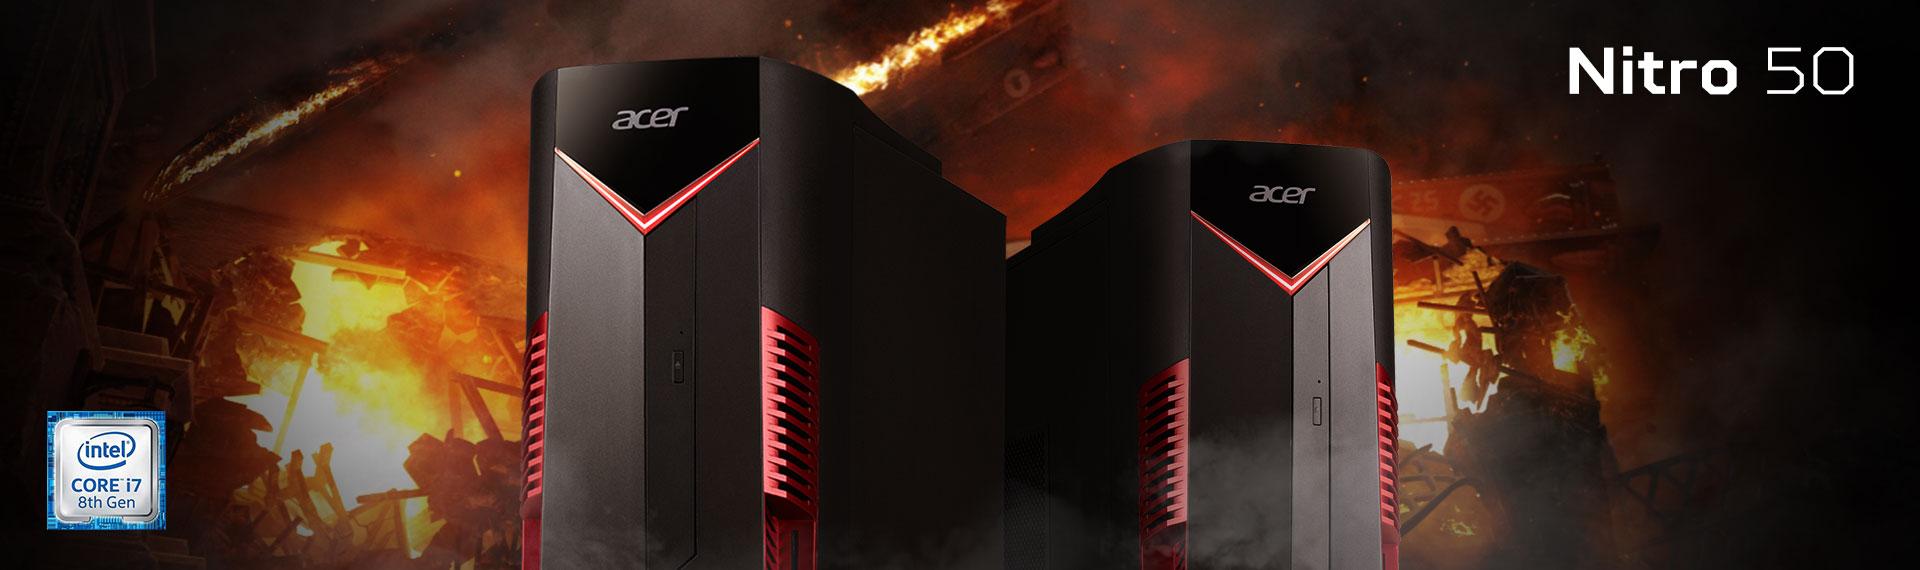 Nitro 50 (N50-600) Intel 8th Gen Siap Diajak Tempur Game Berat!